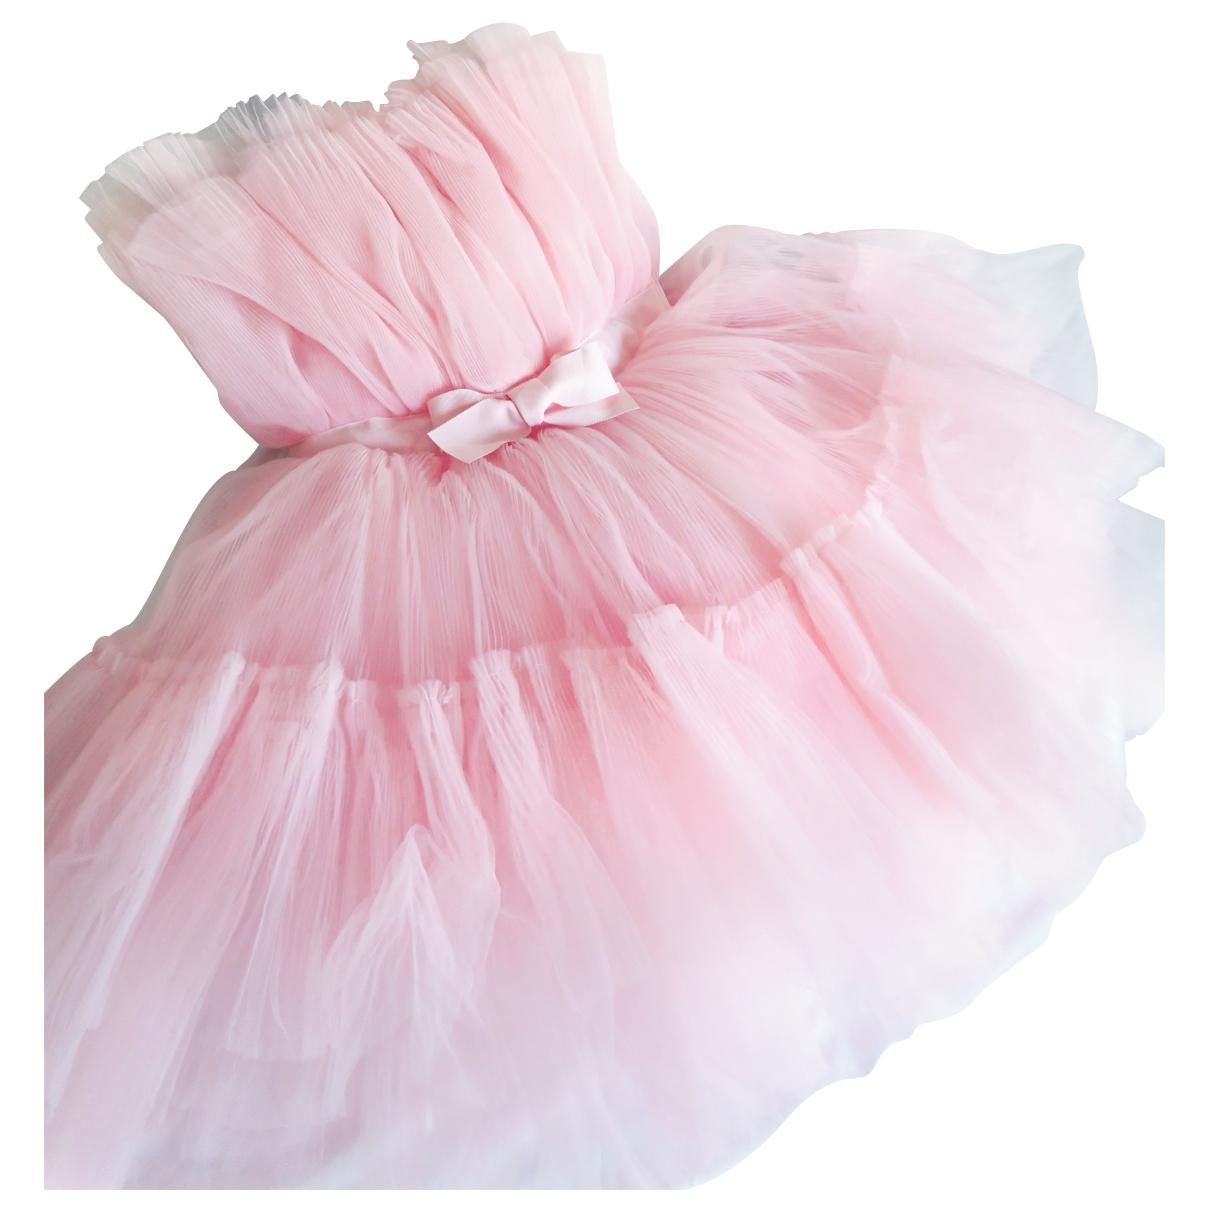 Giambattista Valli X H&m \N Kleid in  Rosa Polyester